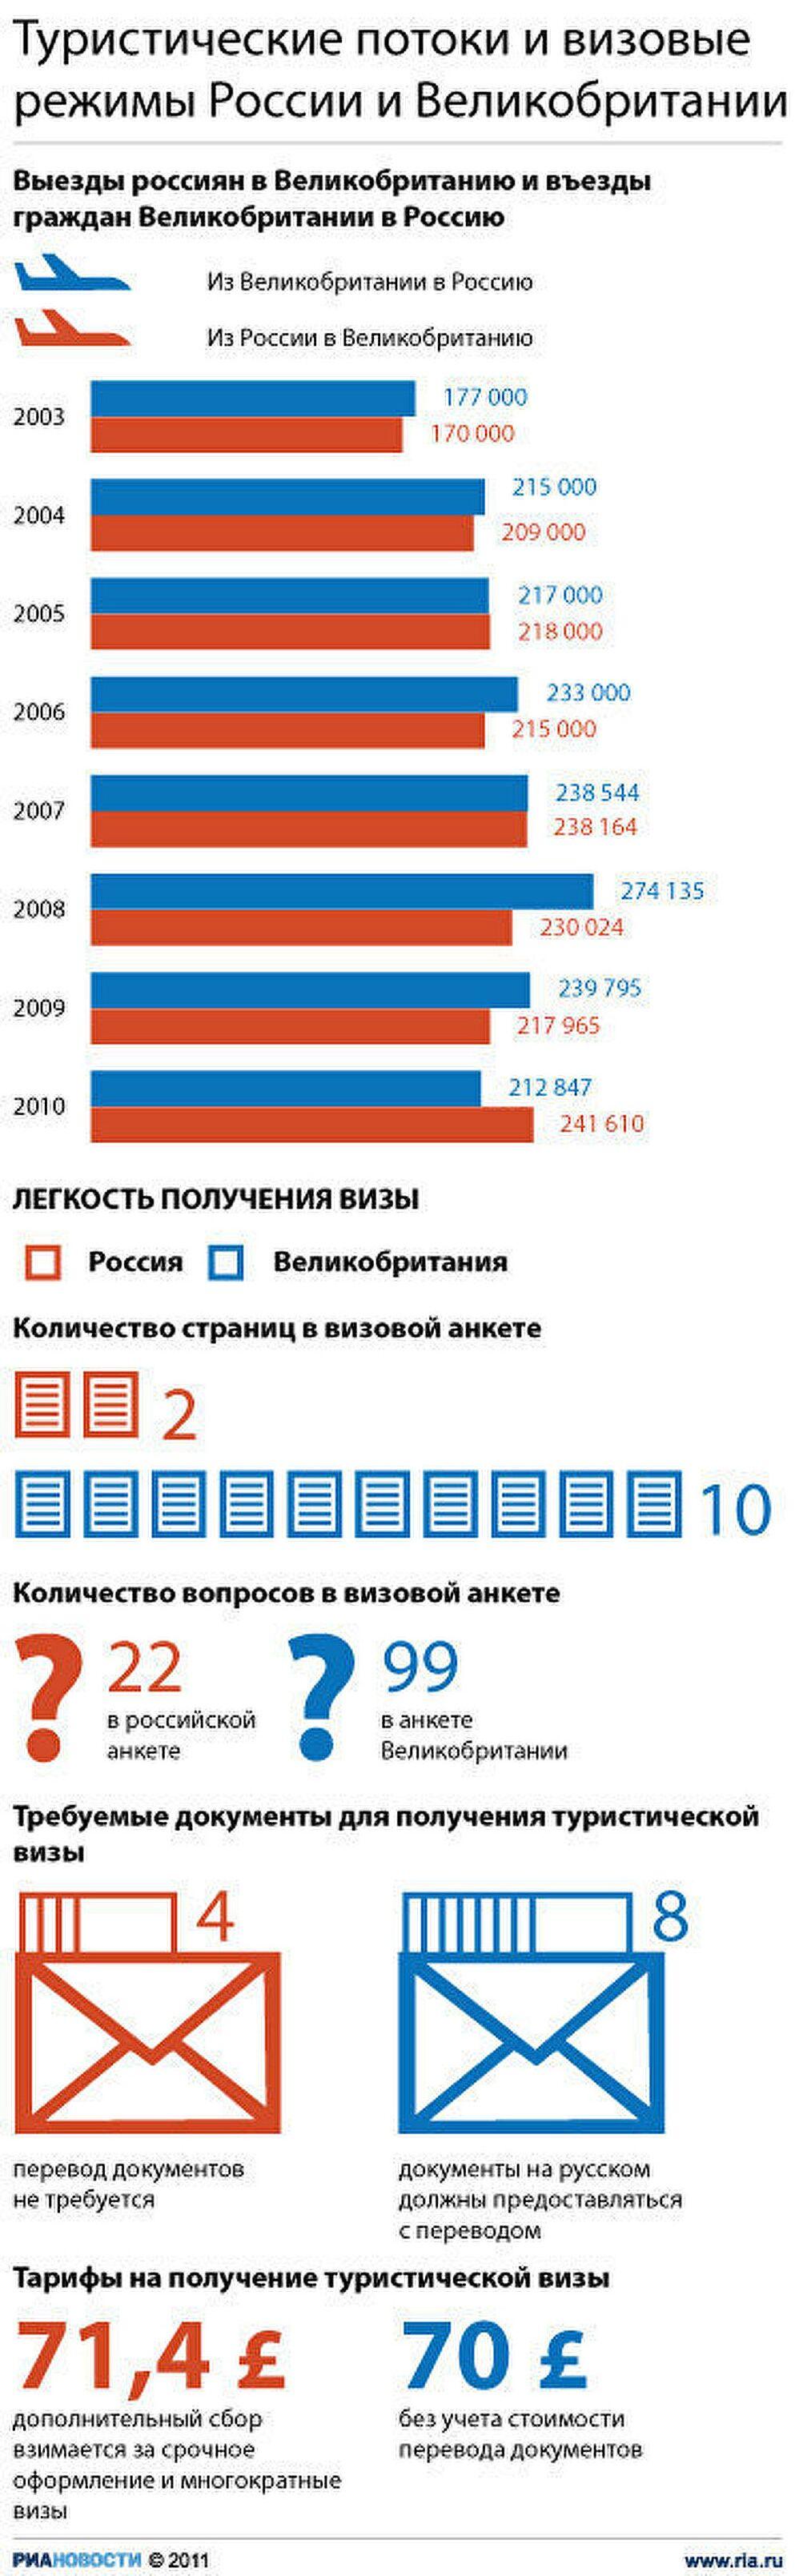 Туристические потоки и визовые режимы РФ и Британии